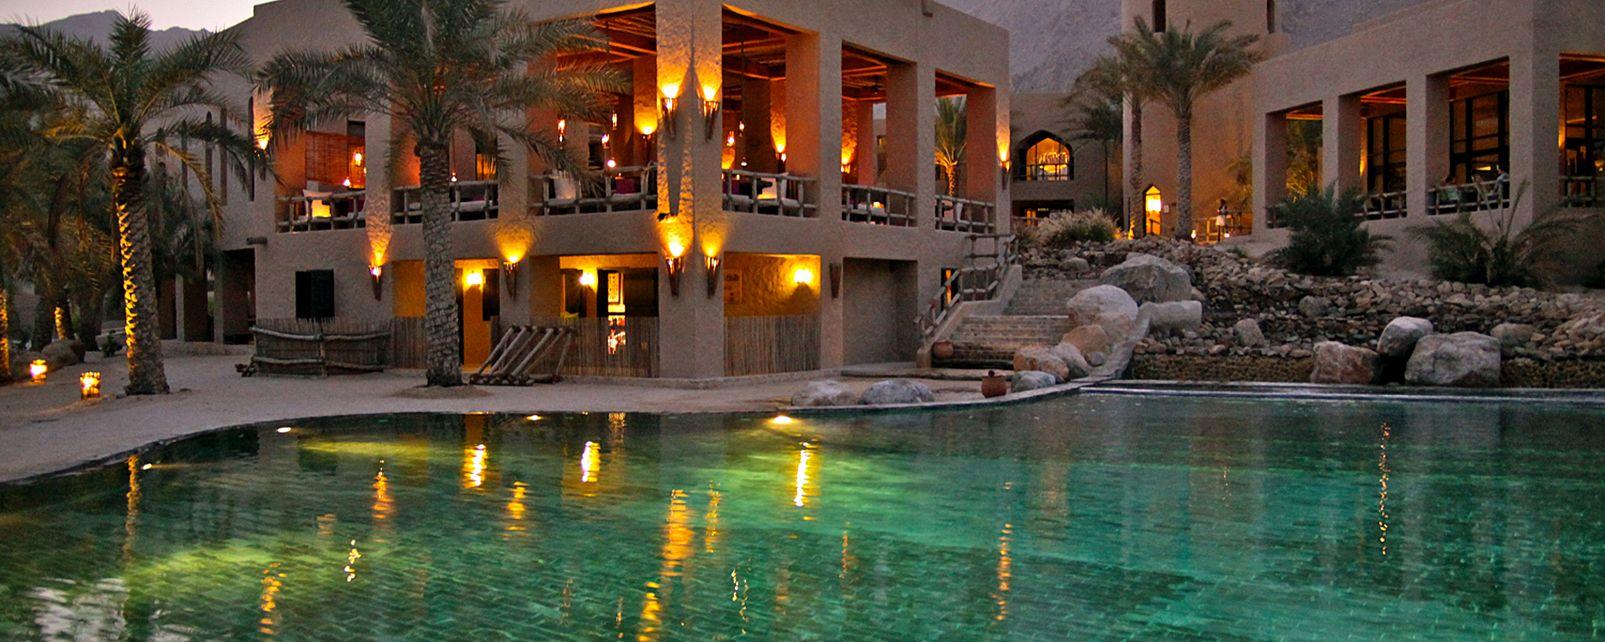 Hôtel Six Senses Zighy Bay